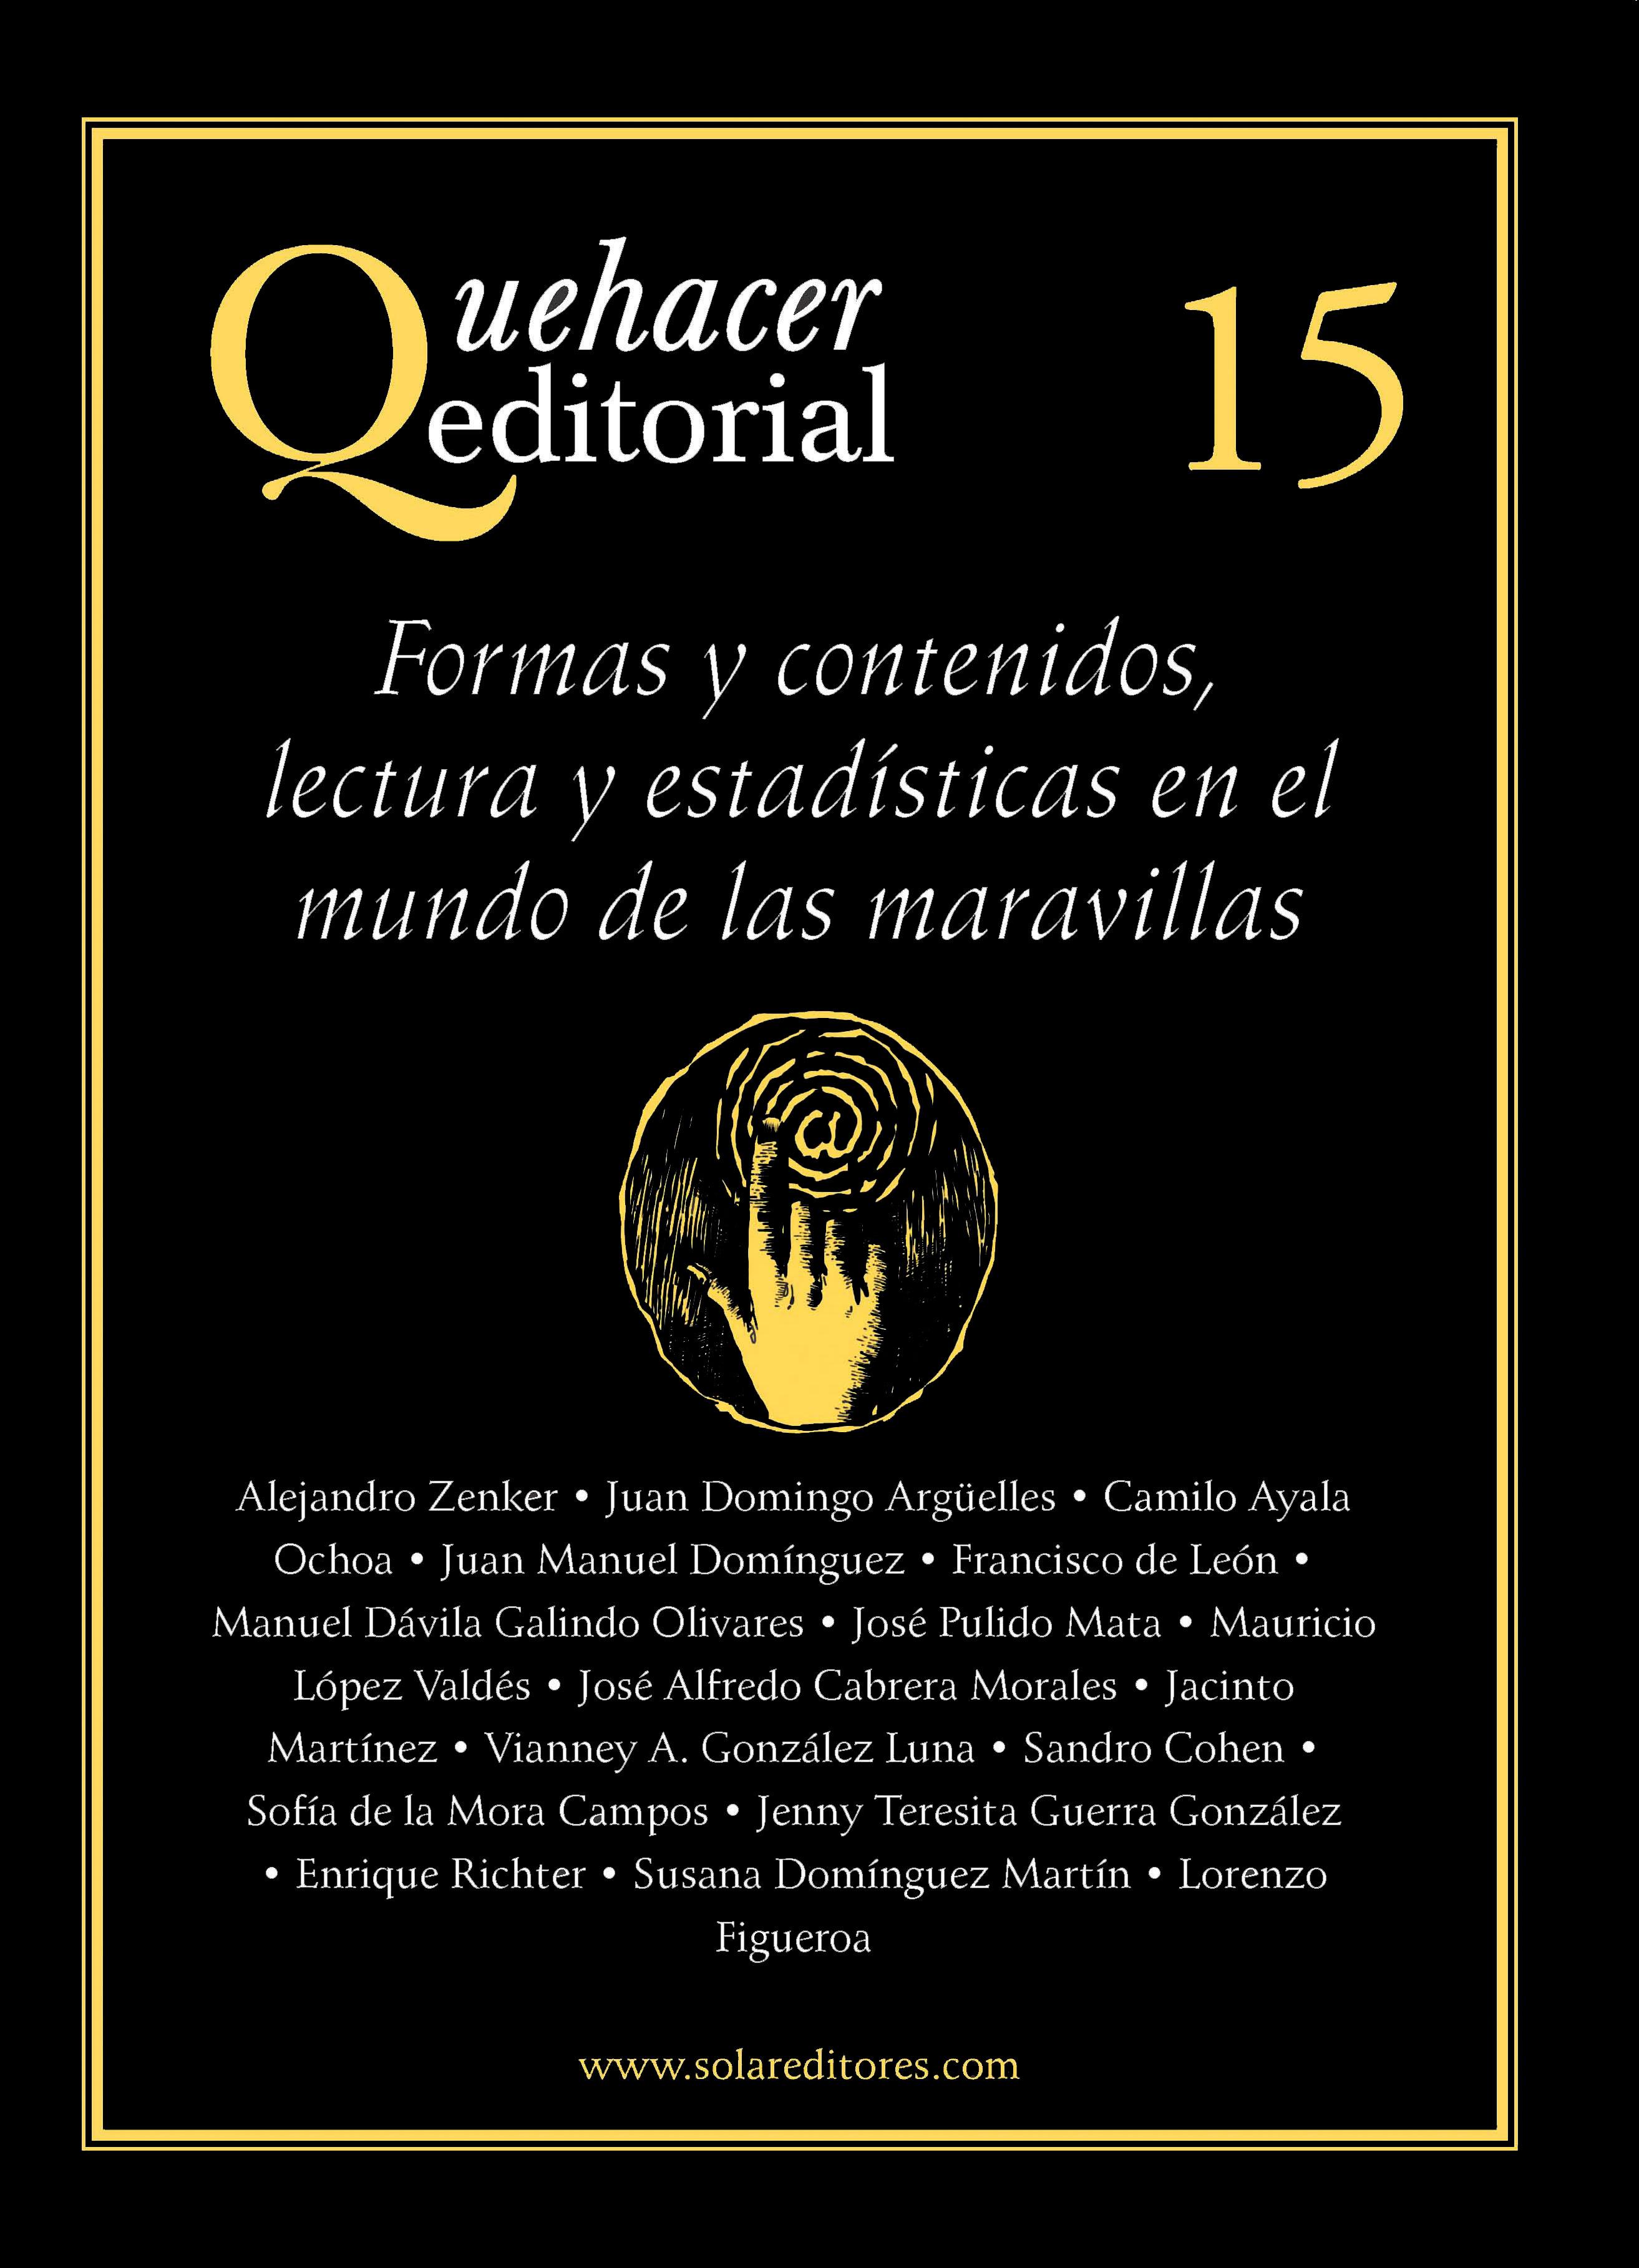 Quehacer Editorial 15: Formas y contenidos, lectura y estadísticas en el mundo de las maravillas Ediciones del ermitaño